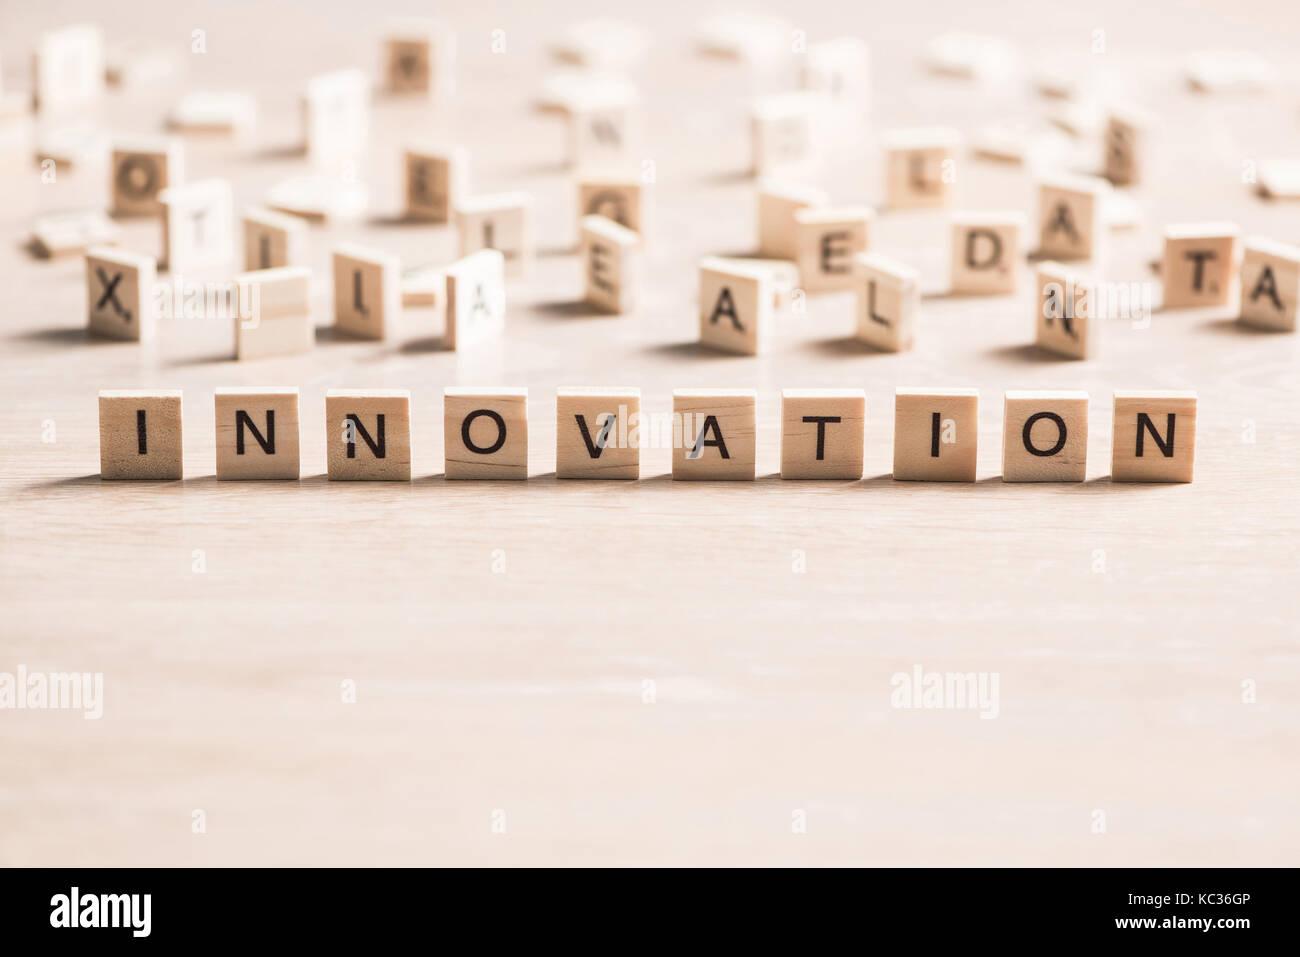 Innovación scrabble word Imagen De Stock